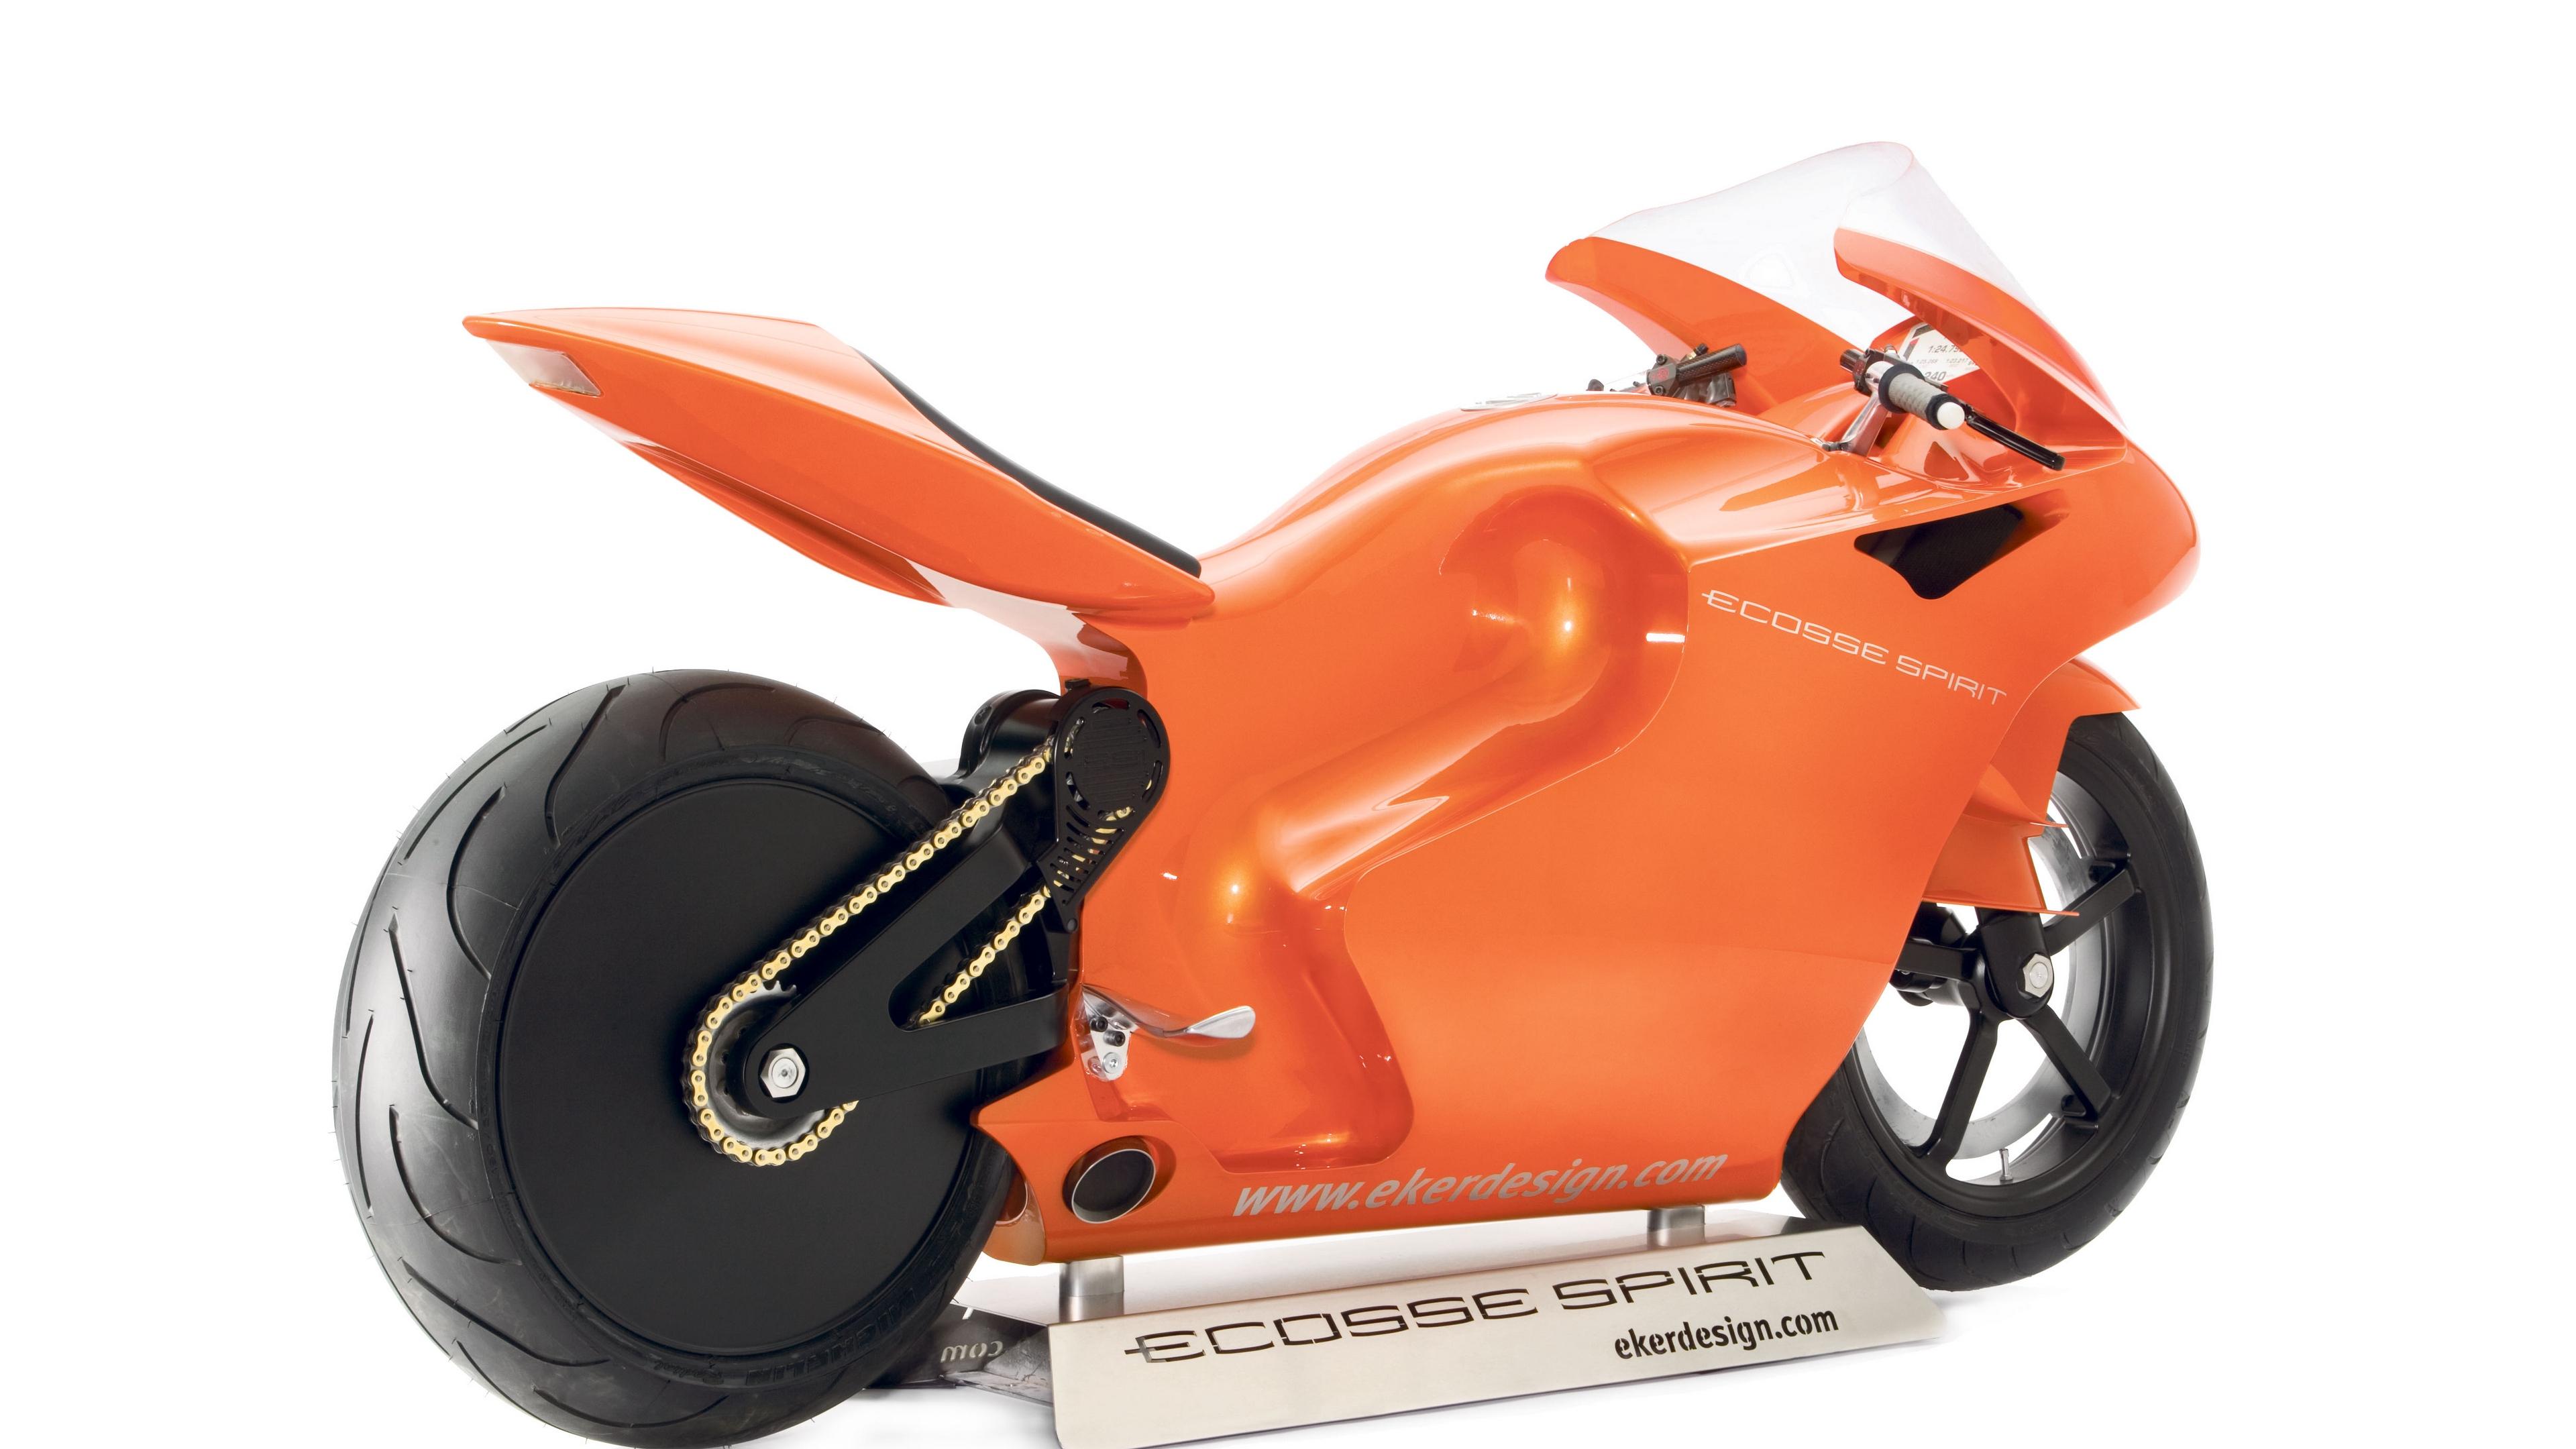 ecosse spirit es1 exclusive sportbike formula 1 limited edition 4k 1536018781 - ecosse spirit es1, exclusive sportbike, formula 1, limited edition 4k - formula 1, exclusive sportbike, ecosse spirit es1